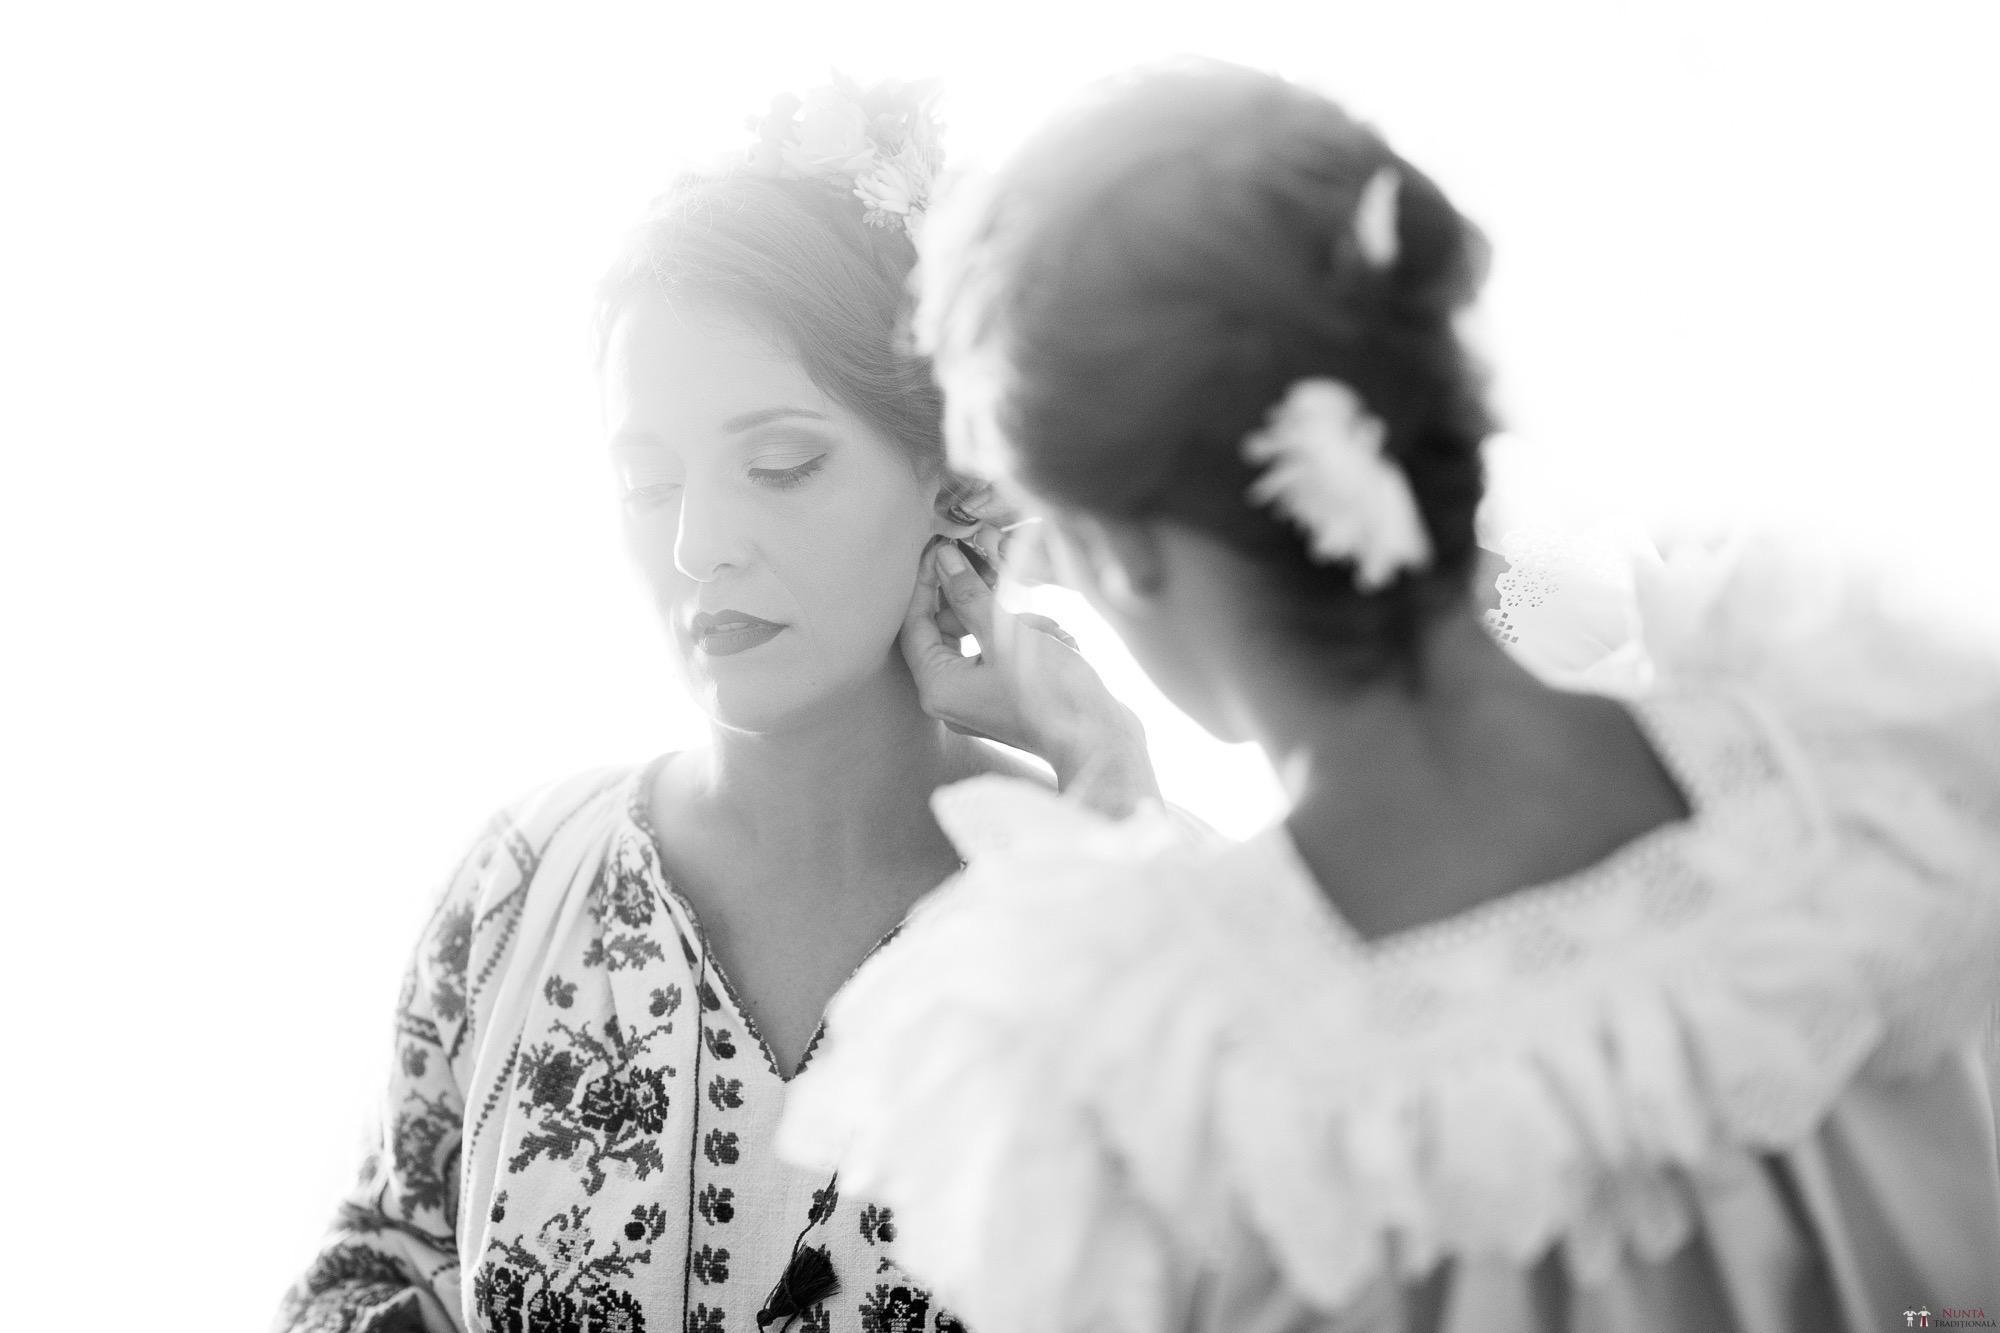 Povești Nunți Tradiționale - Ioana și Andrei. Nuntă tradițională în București. 3